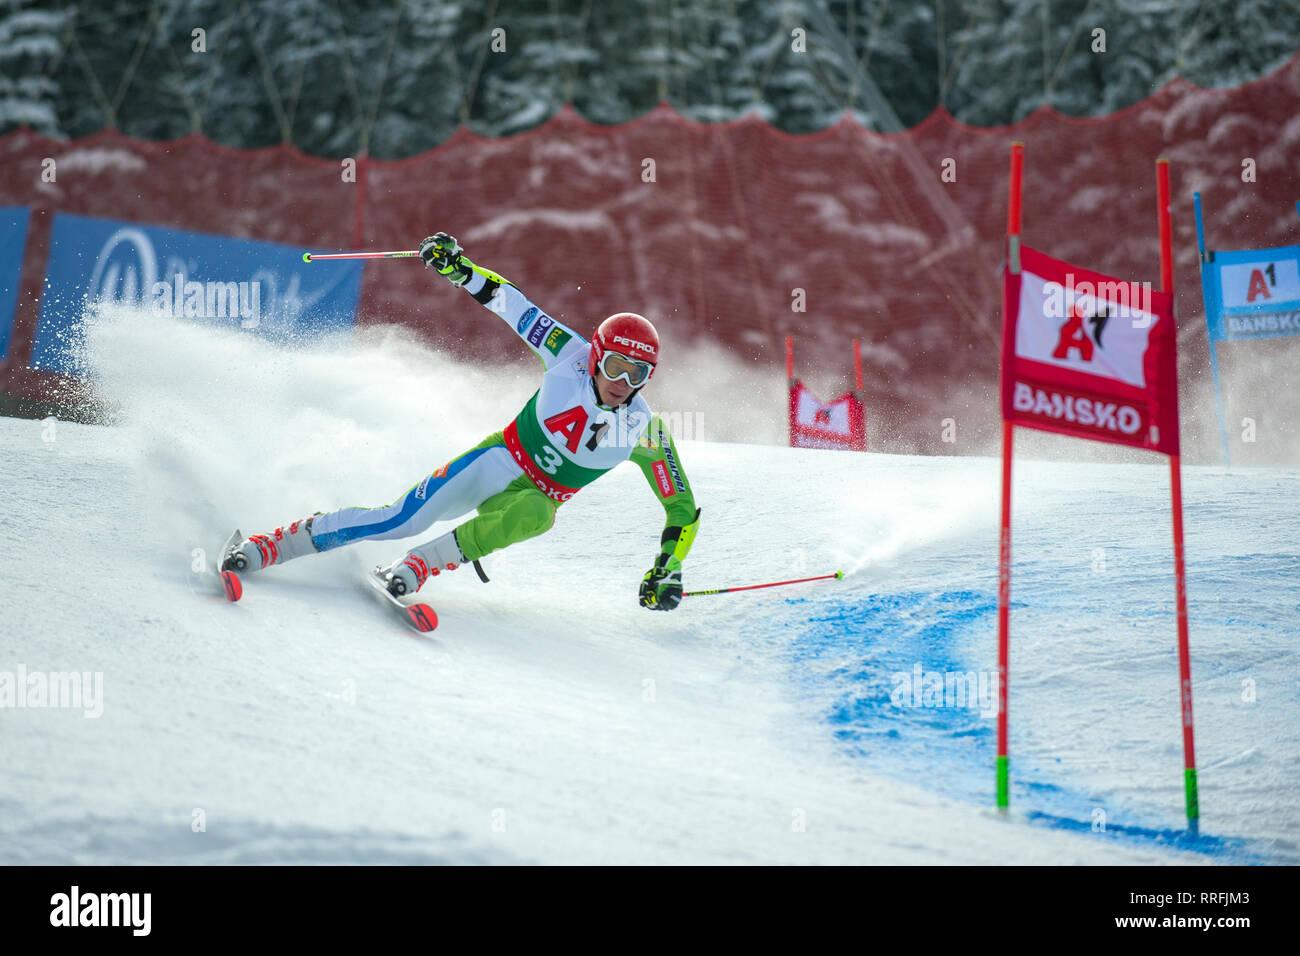 Bansko, Bulgaria. 24th Feb 2019. Zan Kranjec (SLO) competing in Audi FIS Alpine Ski World Cup Men's Giant Slalom on February 24, 2019 in Bansko, Bulgaria. Credit: Borislav Stefanov/Alamy Live News Stock Photo